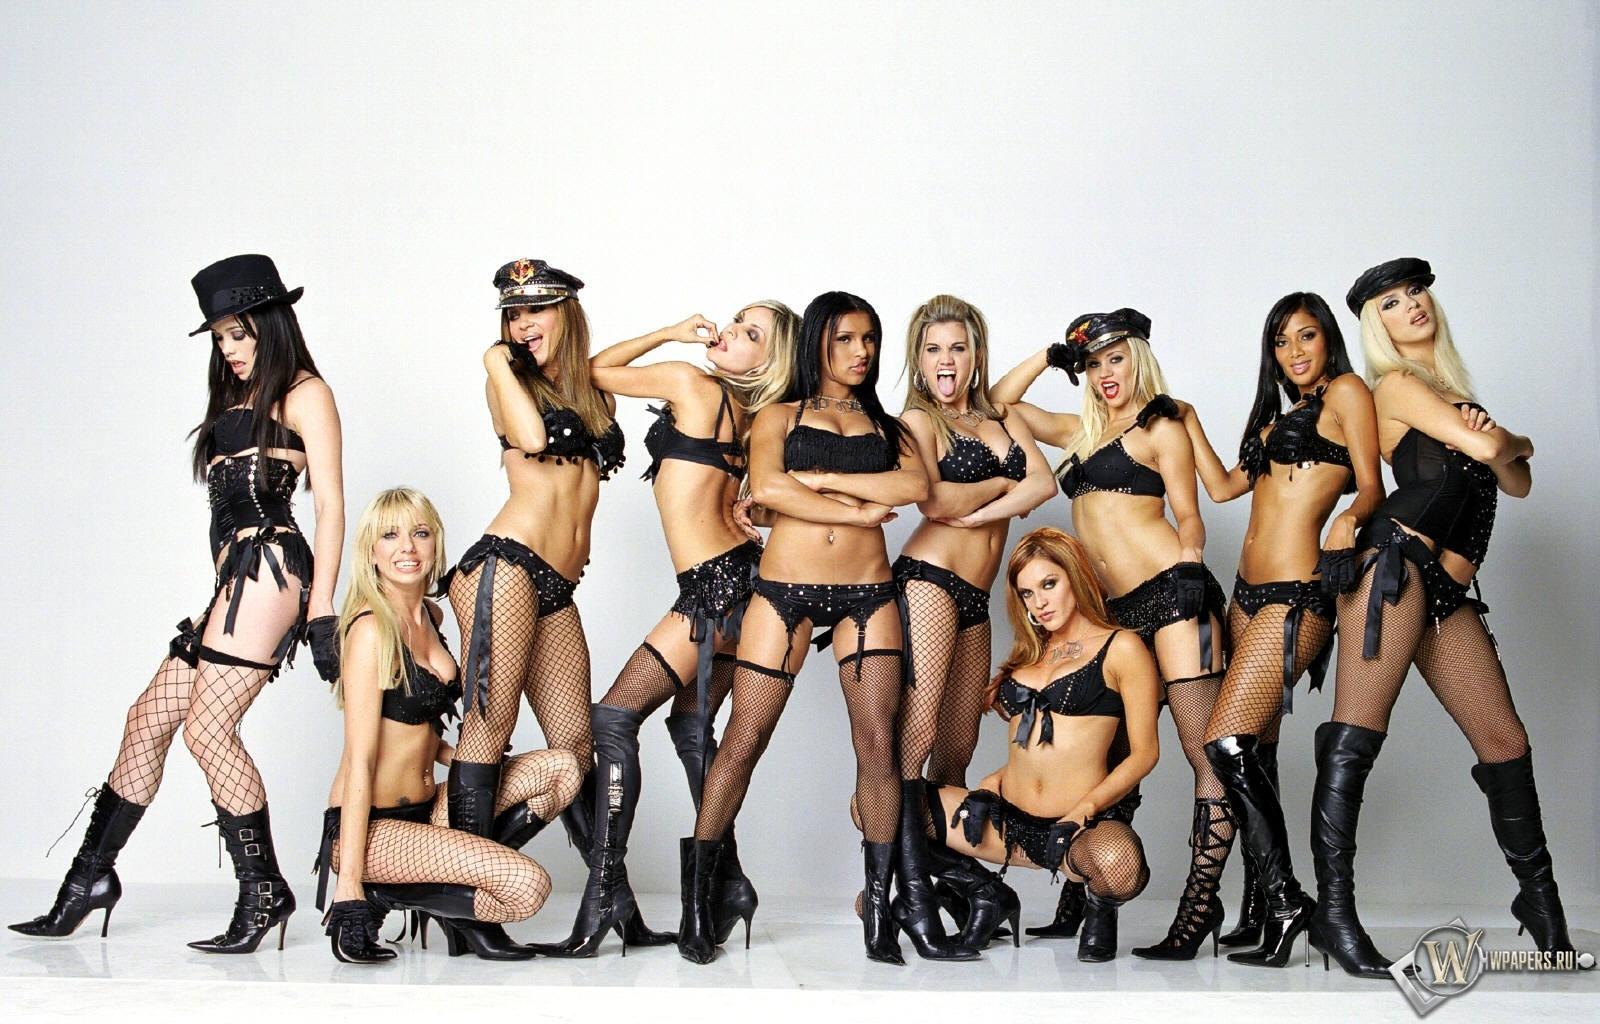 Naked blonde college cheerleaders